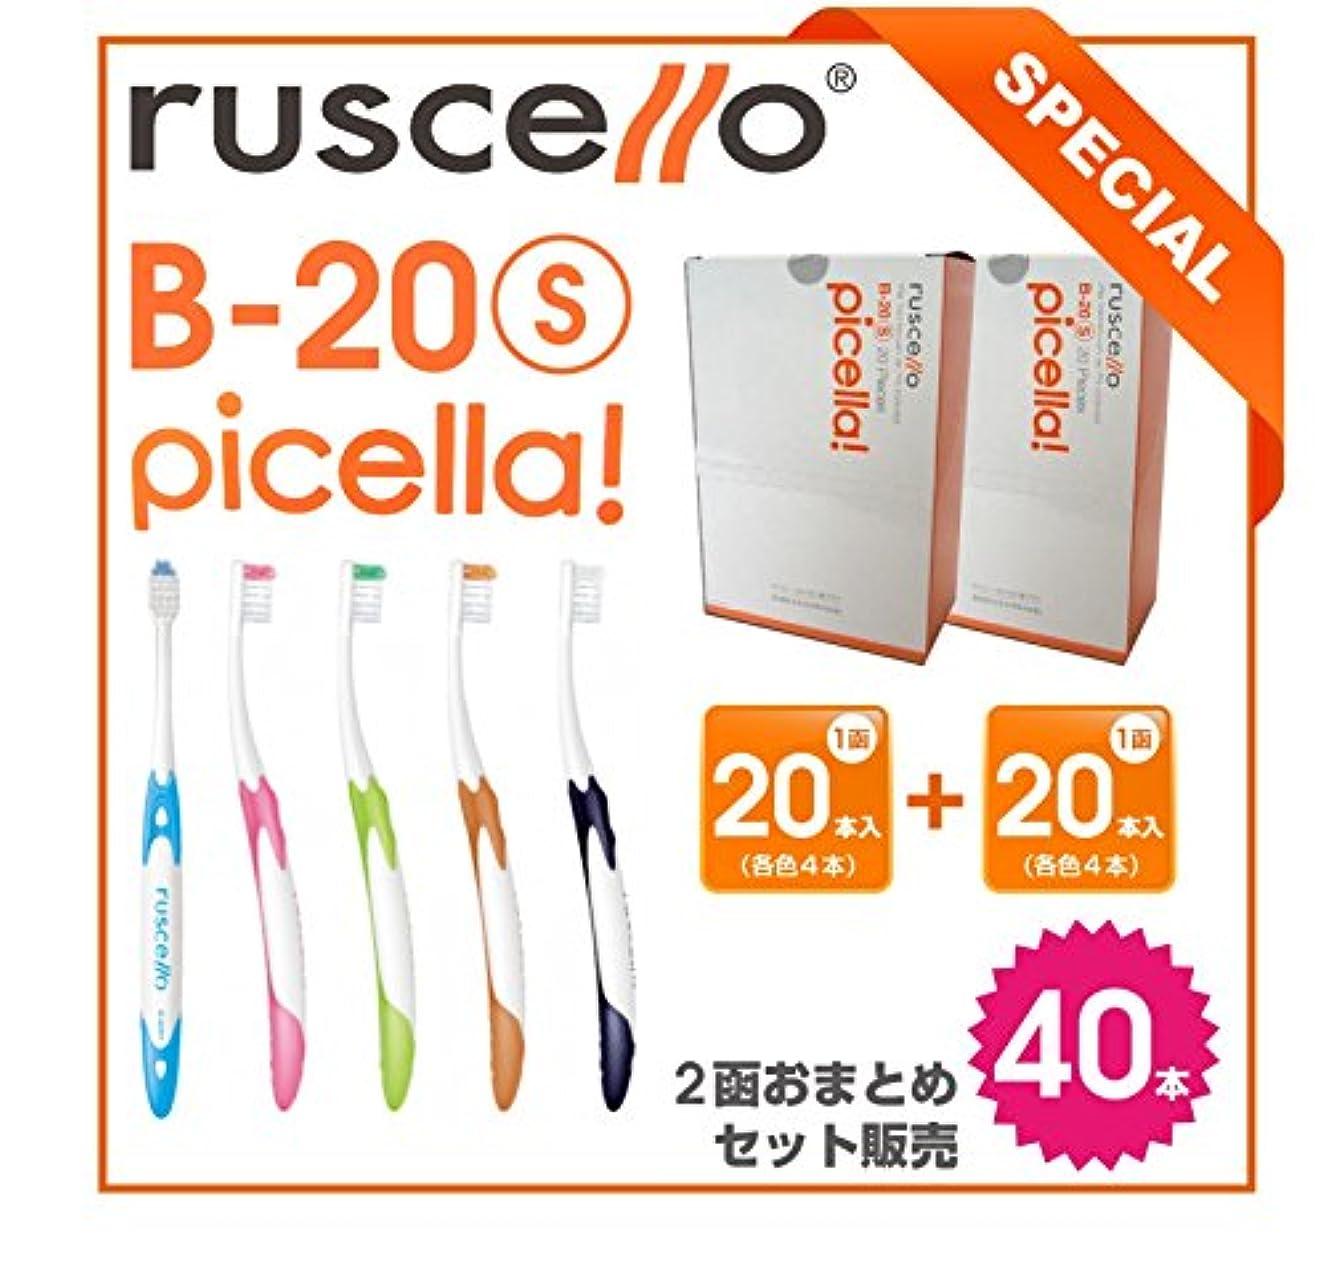 消毒する交換反対にGC ジーシー ルシェロ歯ブラシ<B-20>ピセラ S やわらかめ 1函20本入×2函セット